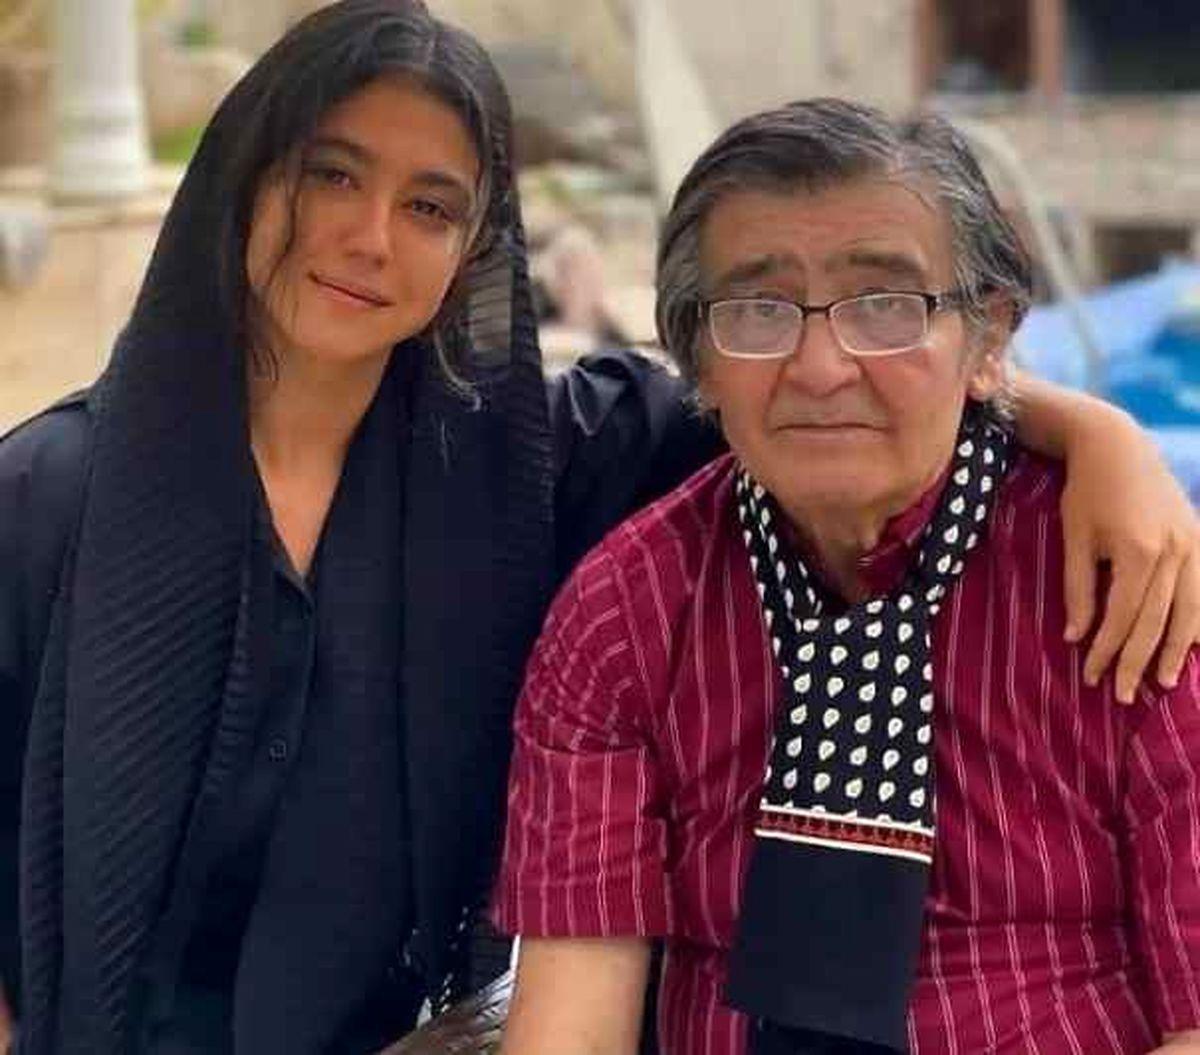 عکس عجیب رضا رویگری و همسرش